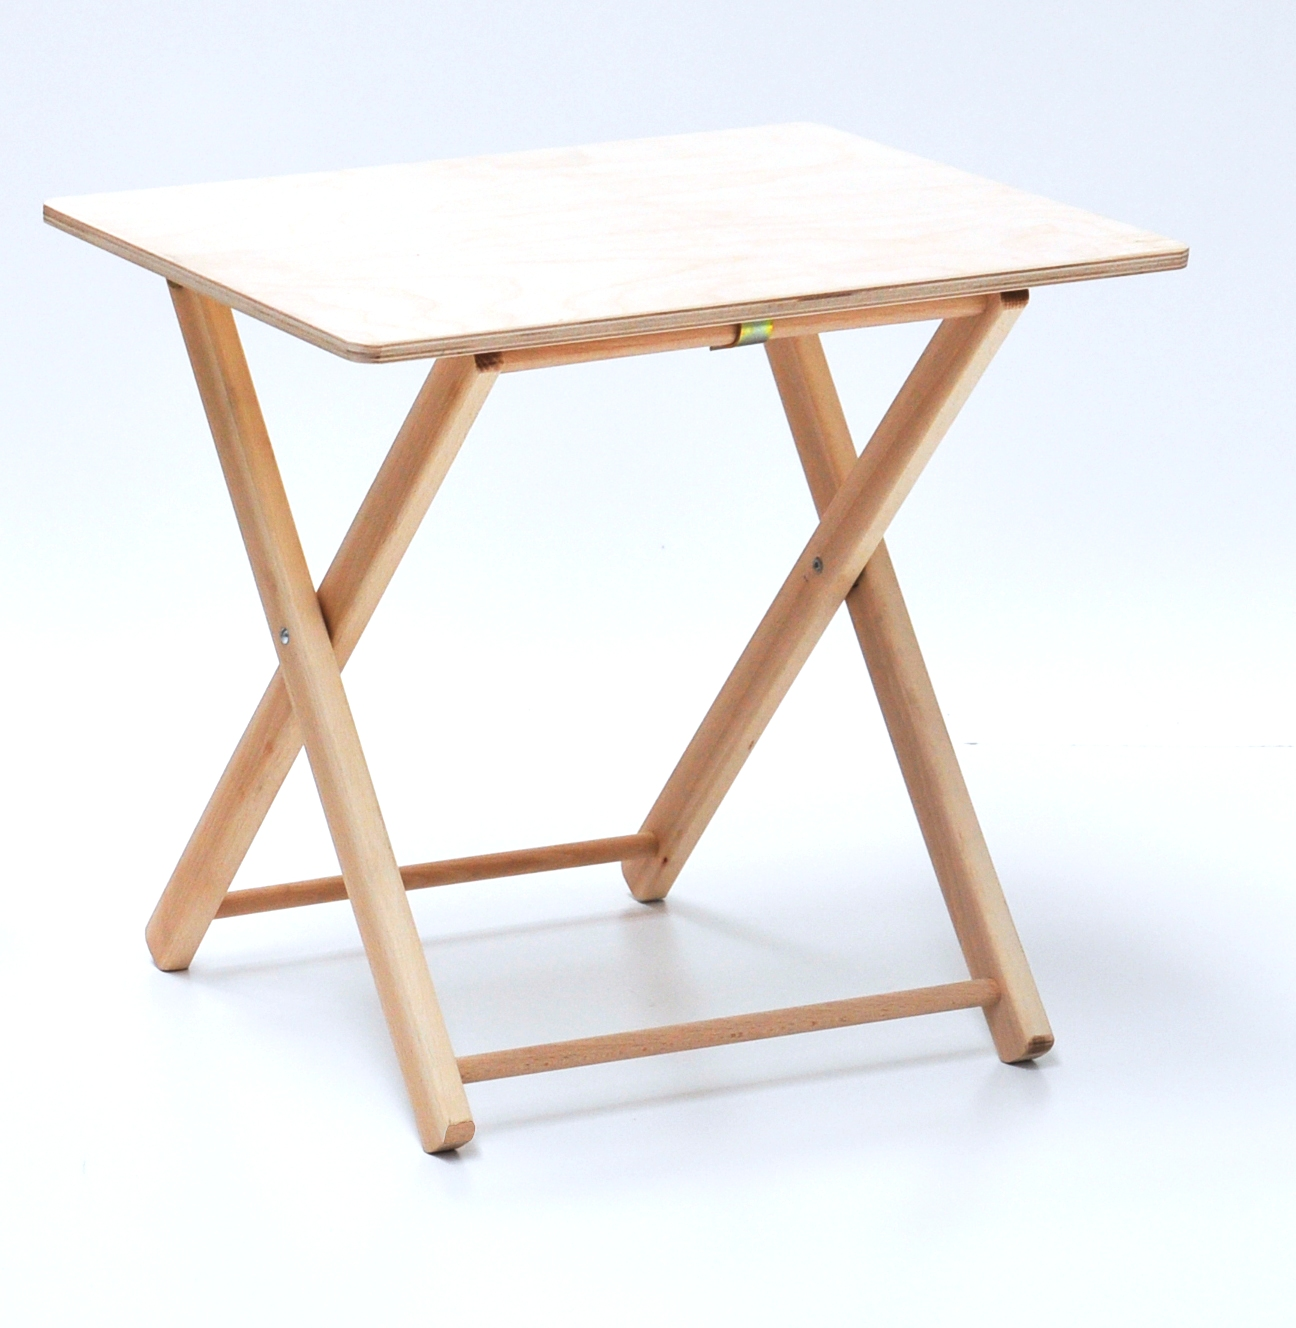 Tavolino pieghevole bimbo in legno naturale  eBay